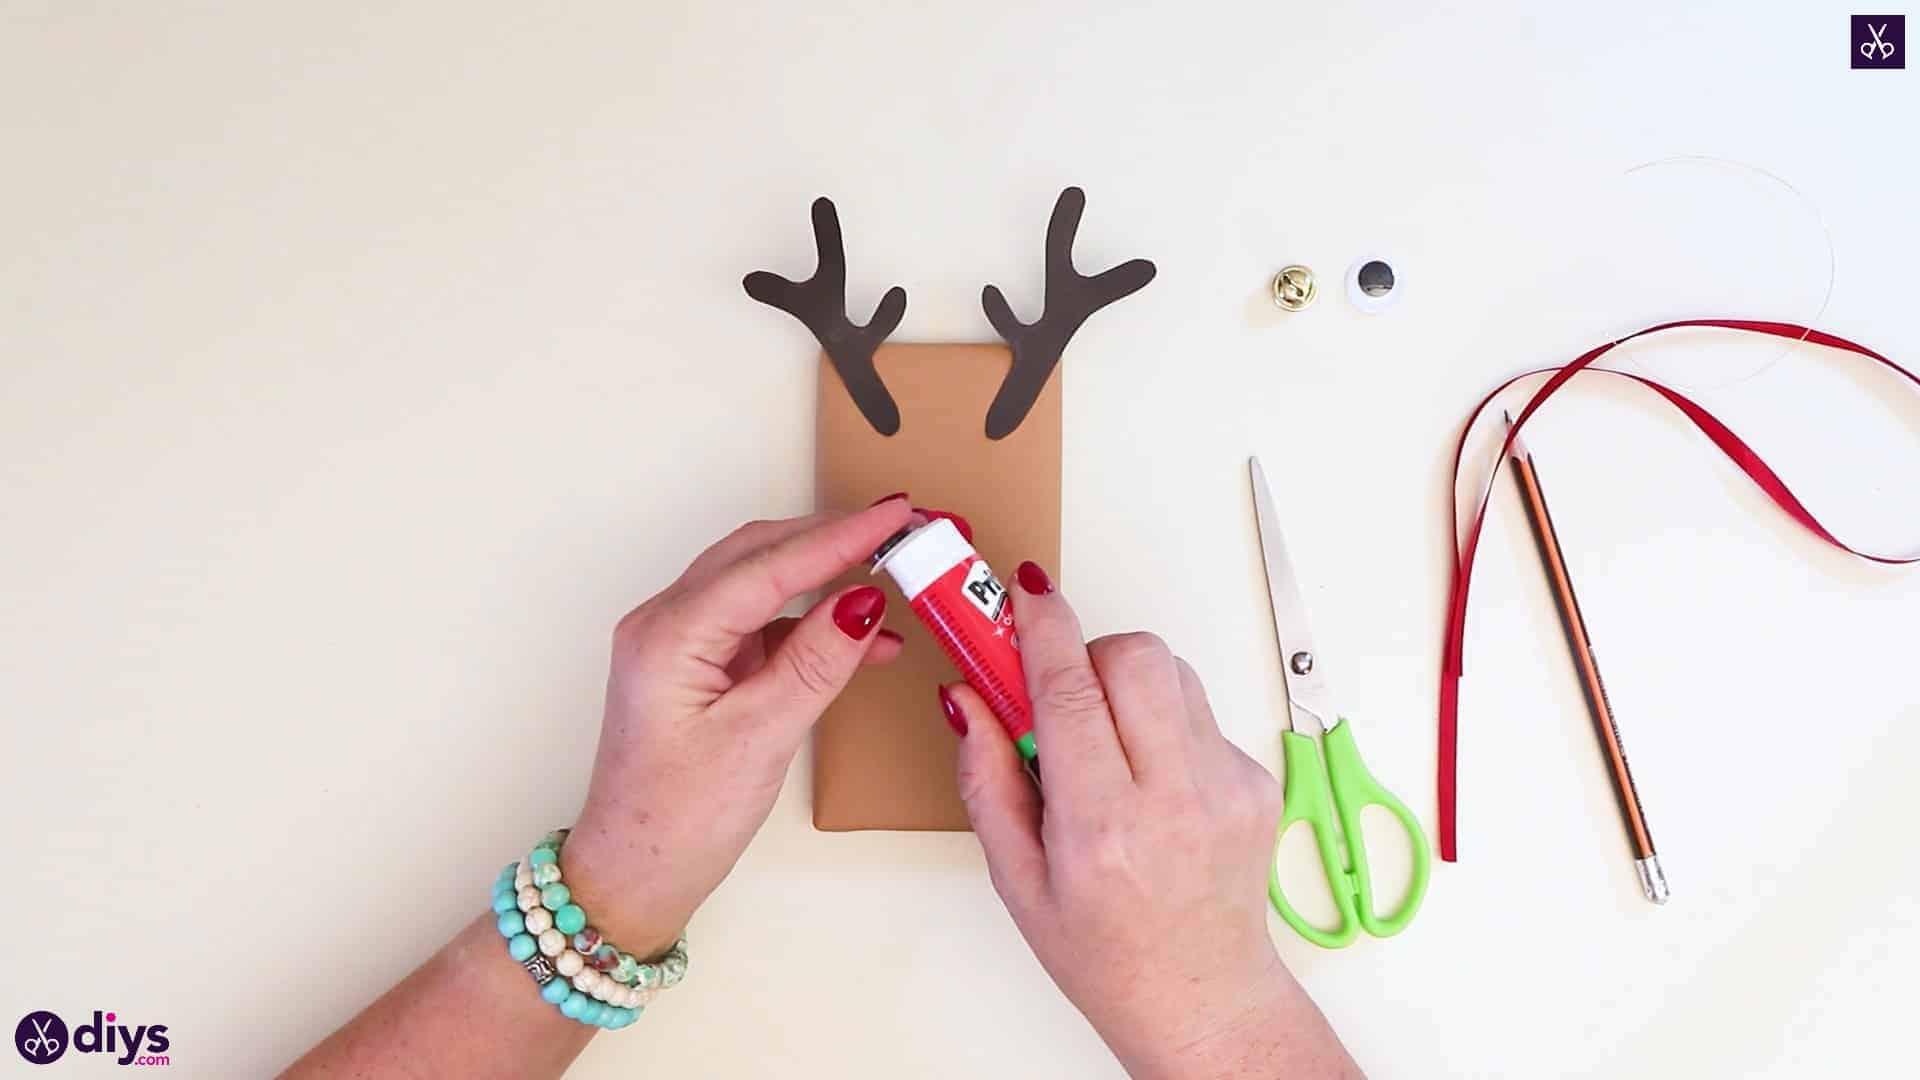 Diy reindeer gift wrap for christmas step 8b